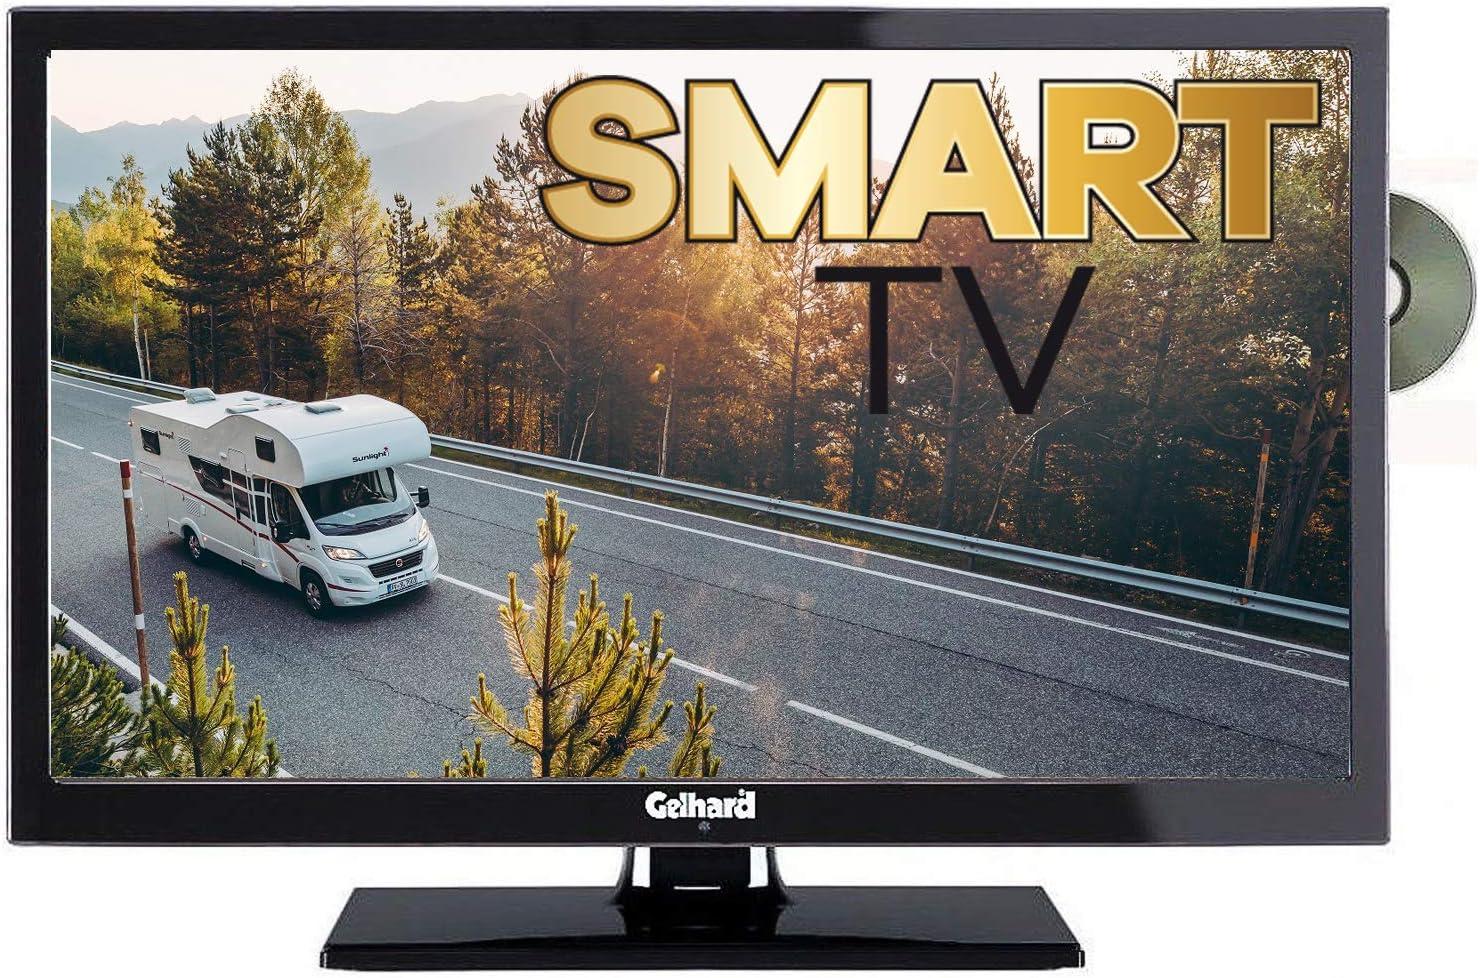 Gelhard GTV 8 Smart TV 8 cm (8 Zoll) Fernseher 8 Volt/ 8 Volt,  WLAN, Internet, DVD, USB